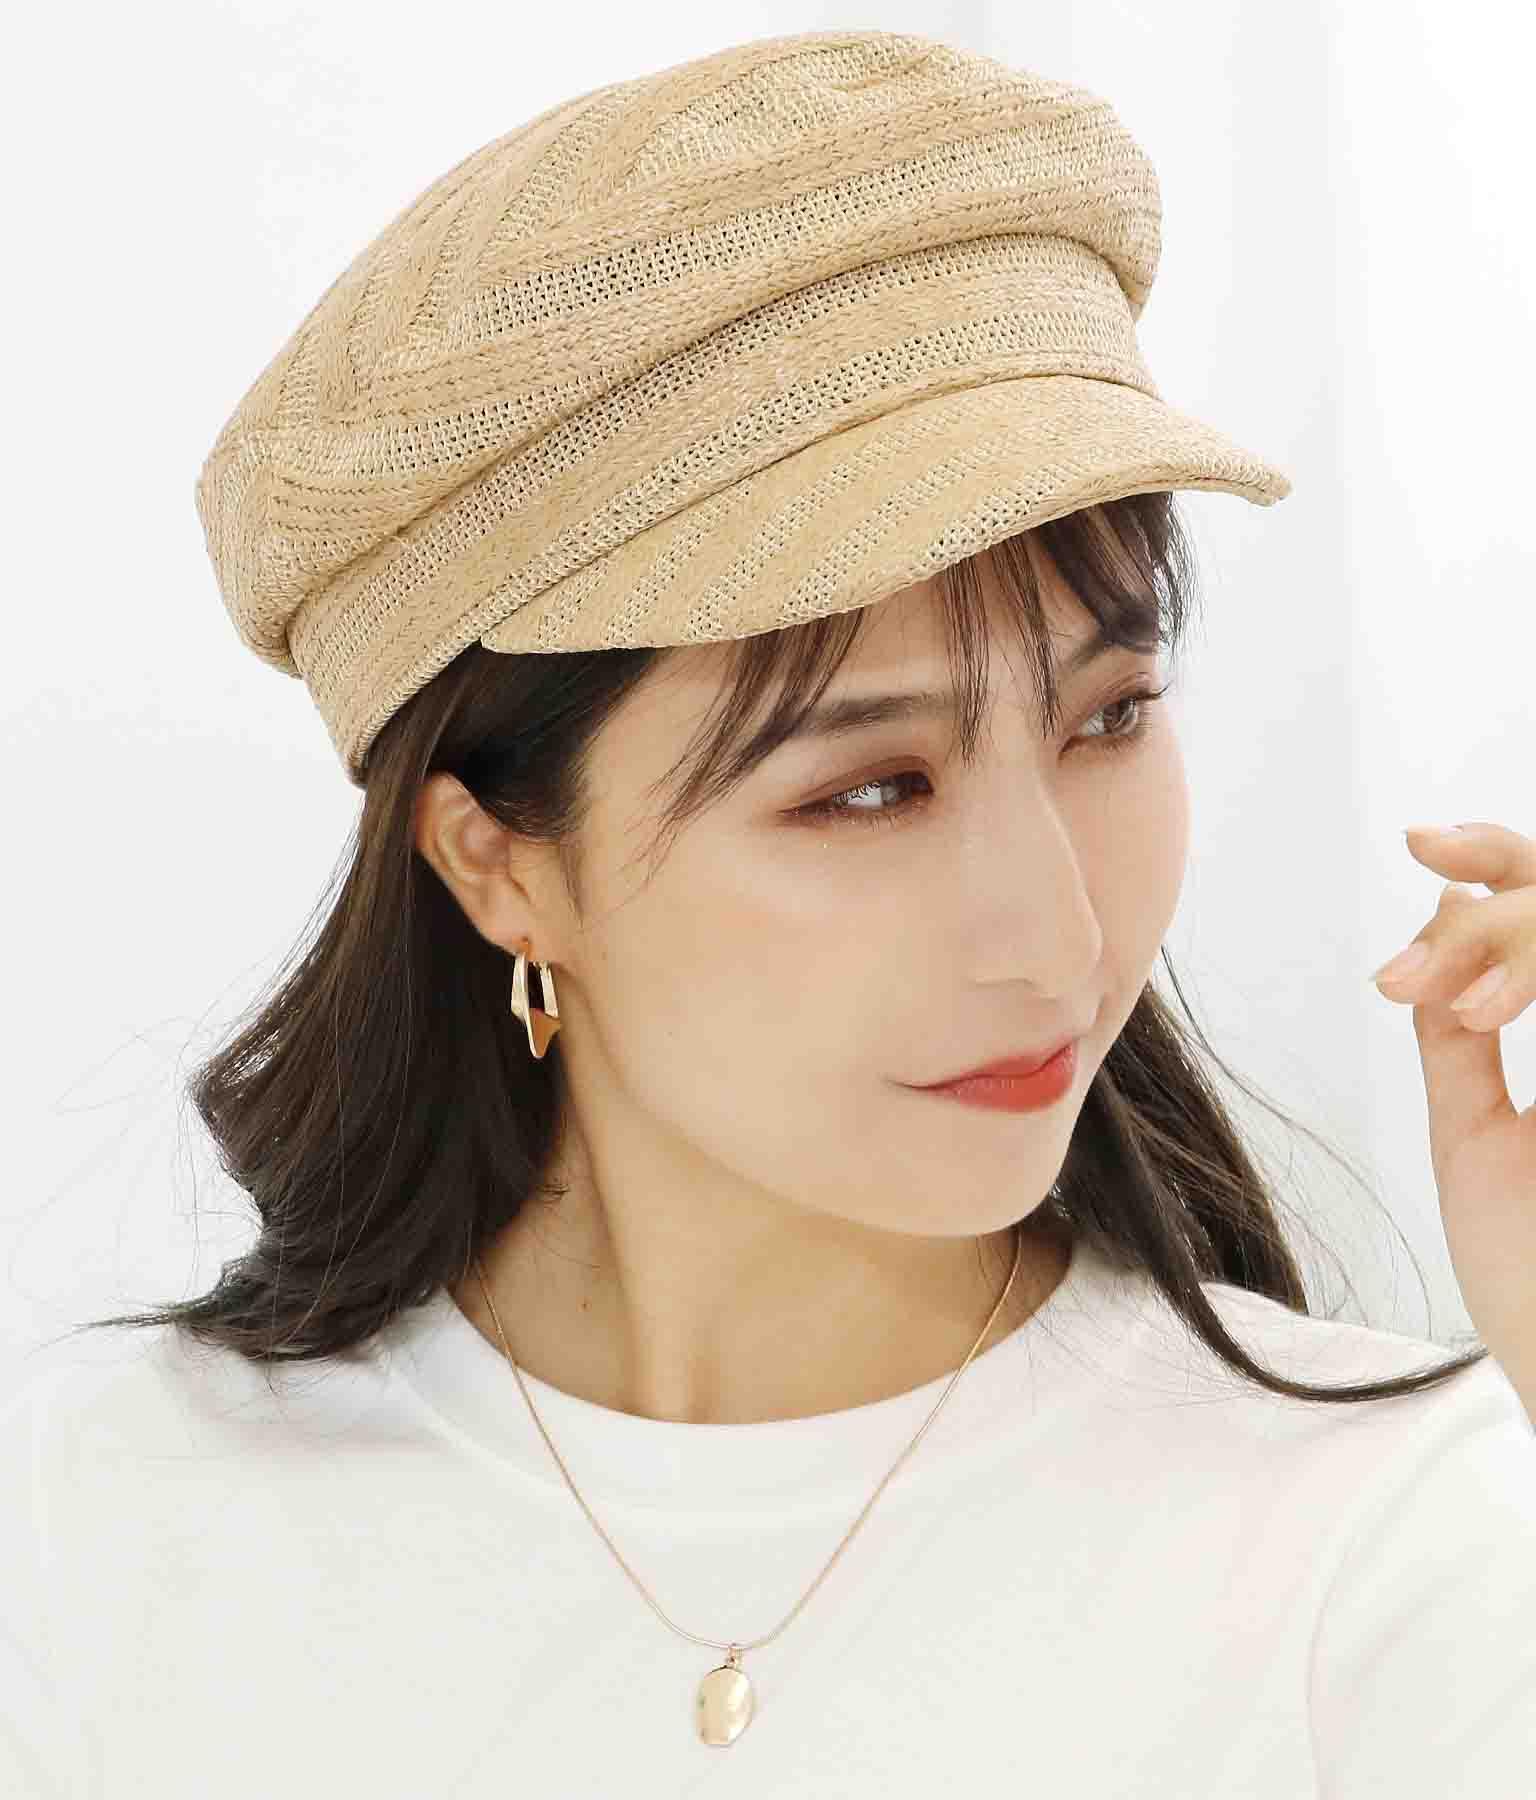 ストライプ模様入りキャスケット(ファッション雑貨/ハット・キャップ・ニット帽 ・キャスケット・ベレー帽)   CHILLE